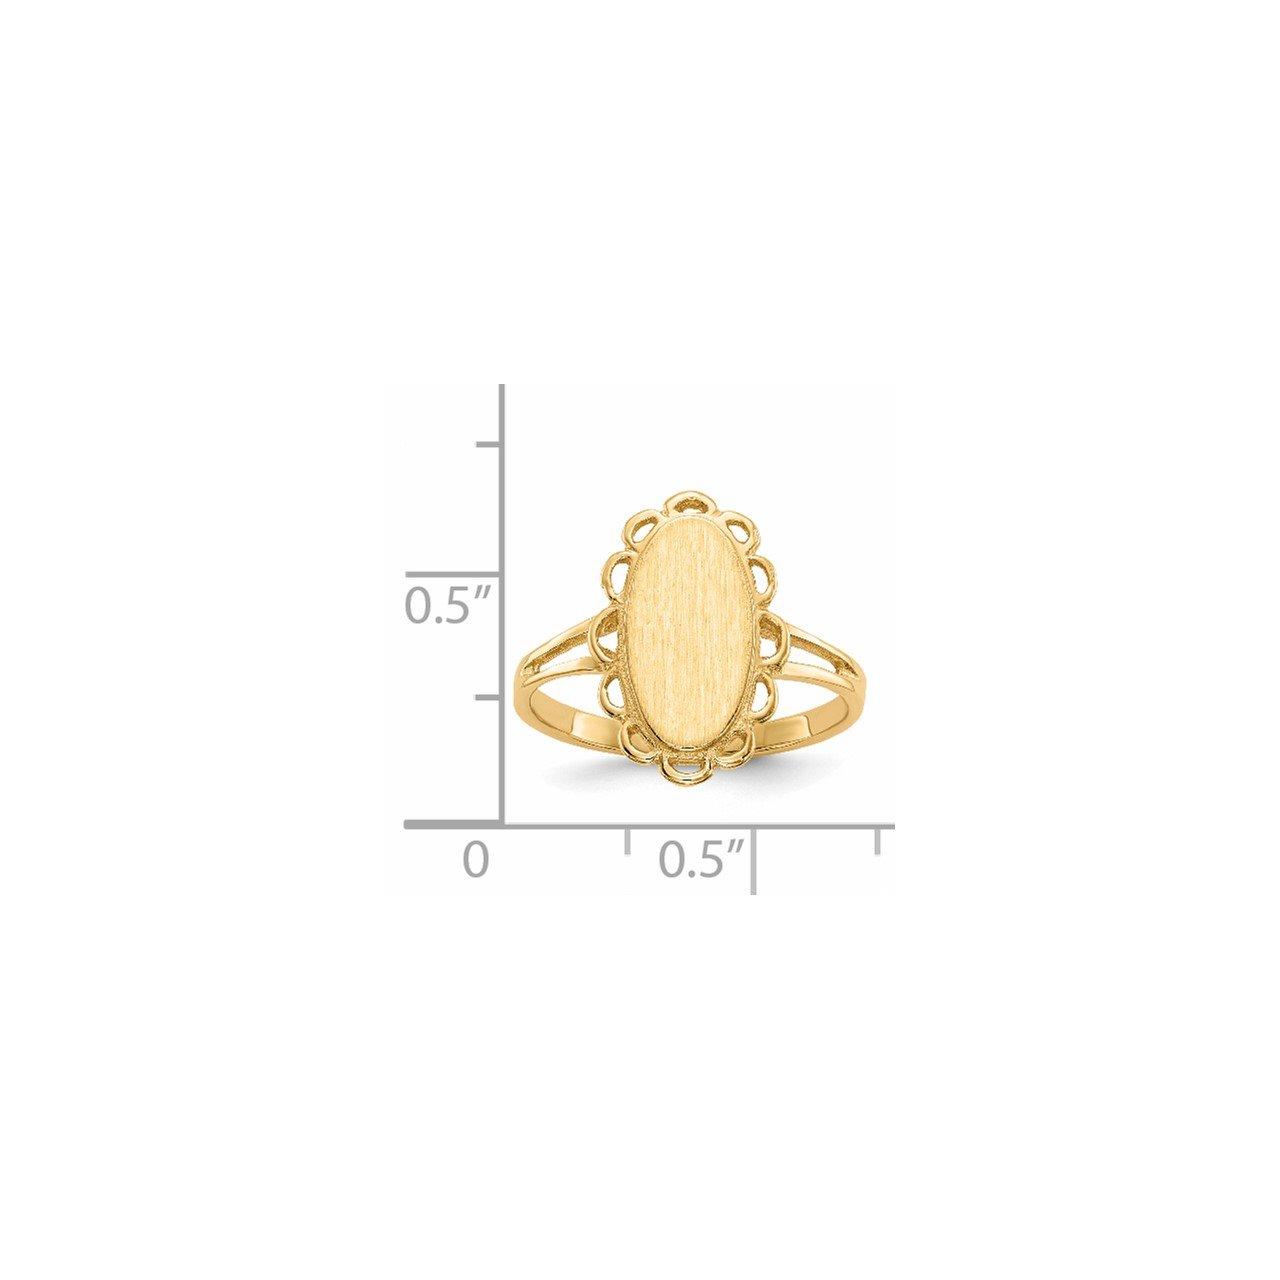 14k 13.0x7.0mm Open Back Signet Ring-4